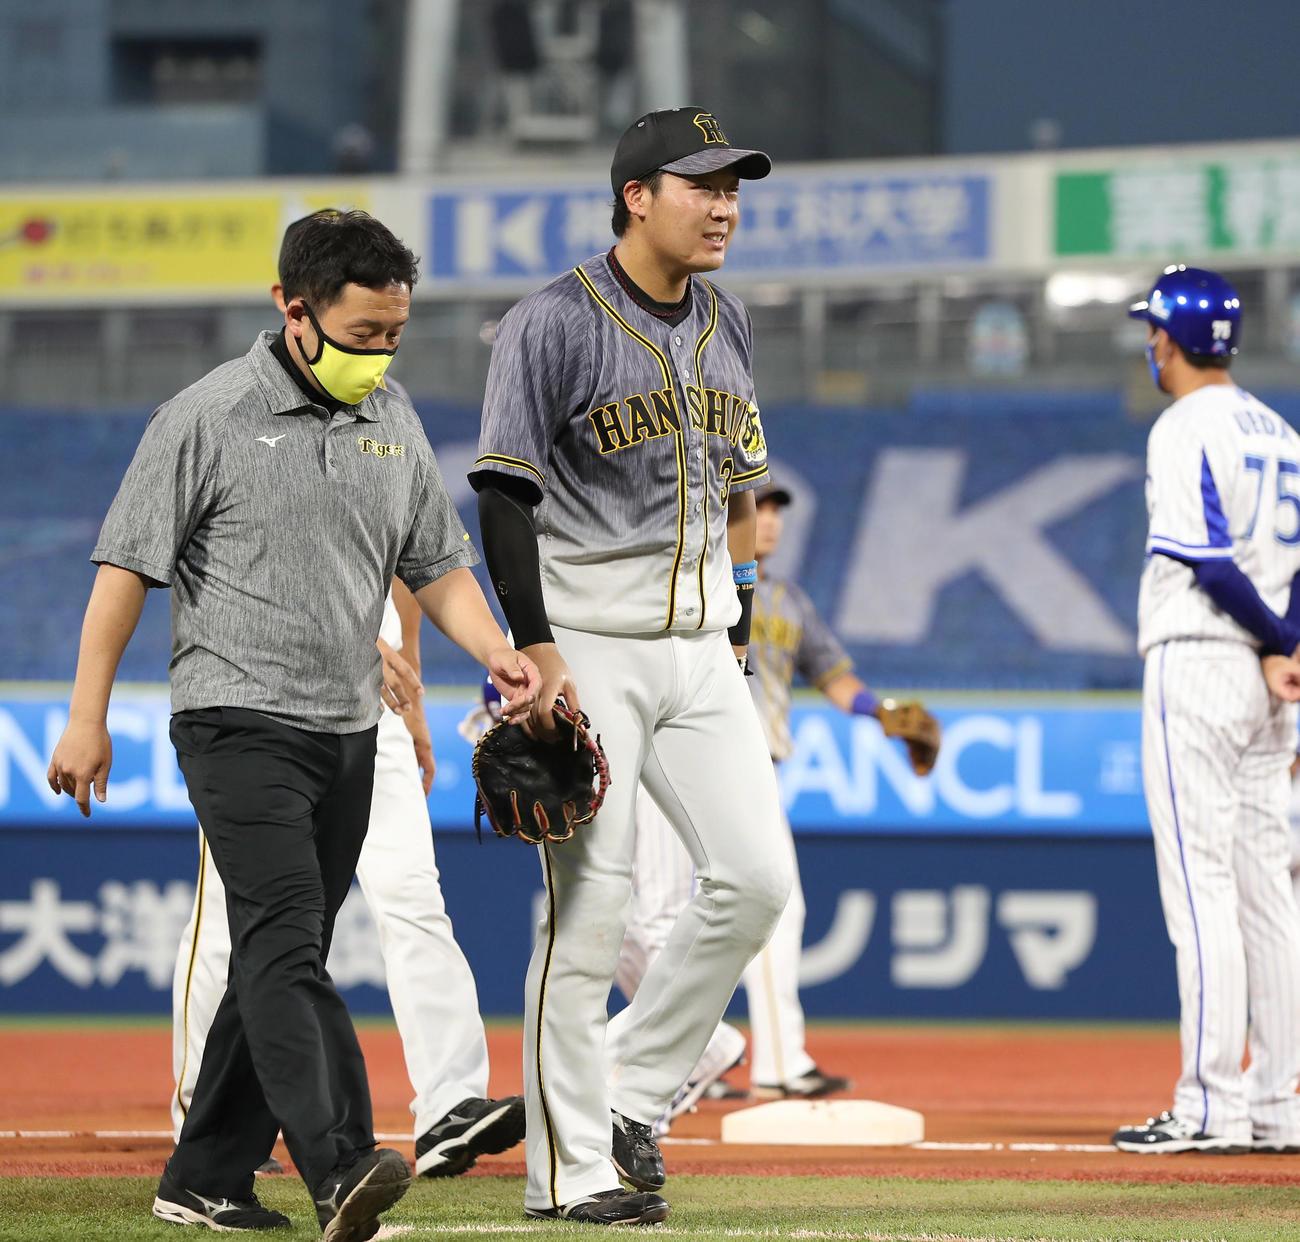 DeNA対阪神 1回裏DeNA1死一塁、宮崎が左翼線へ二塁打を放った直後、足を痛めた大山(中央)は治療のためベンチへ向かう(撮影・前田充)